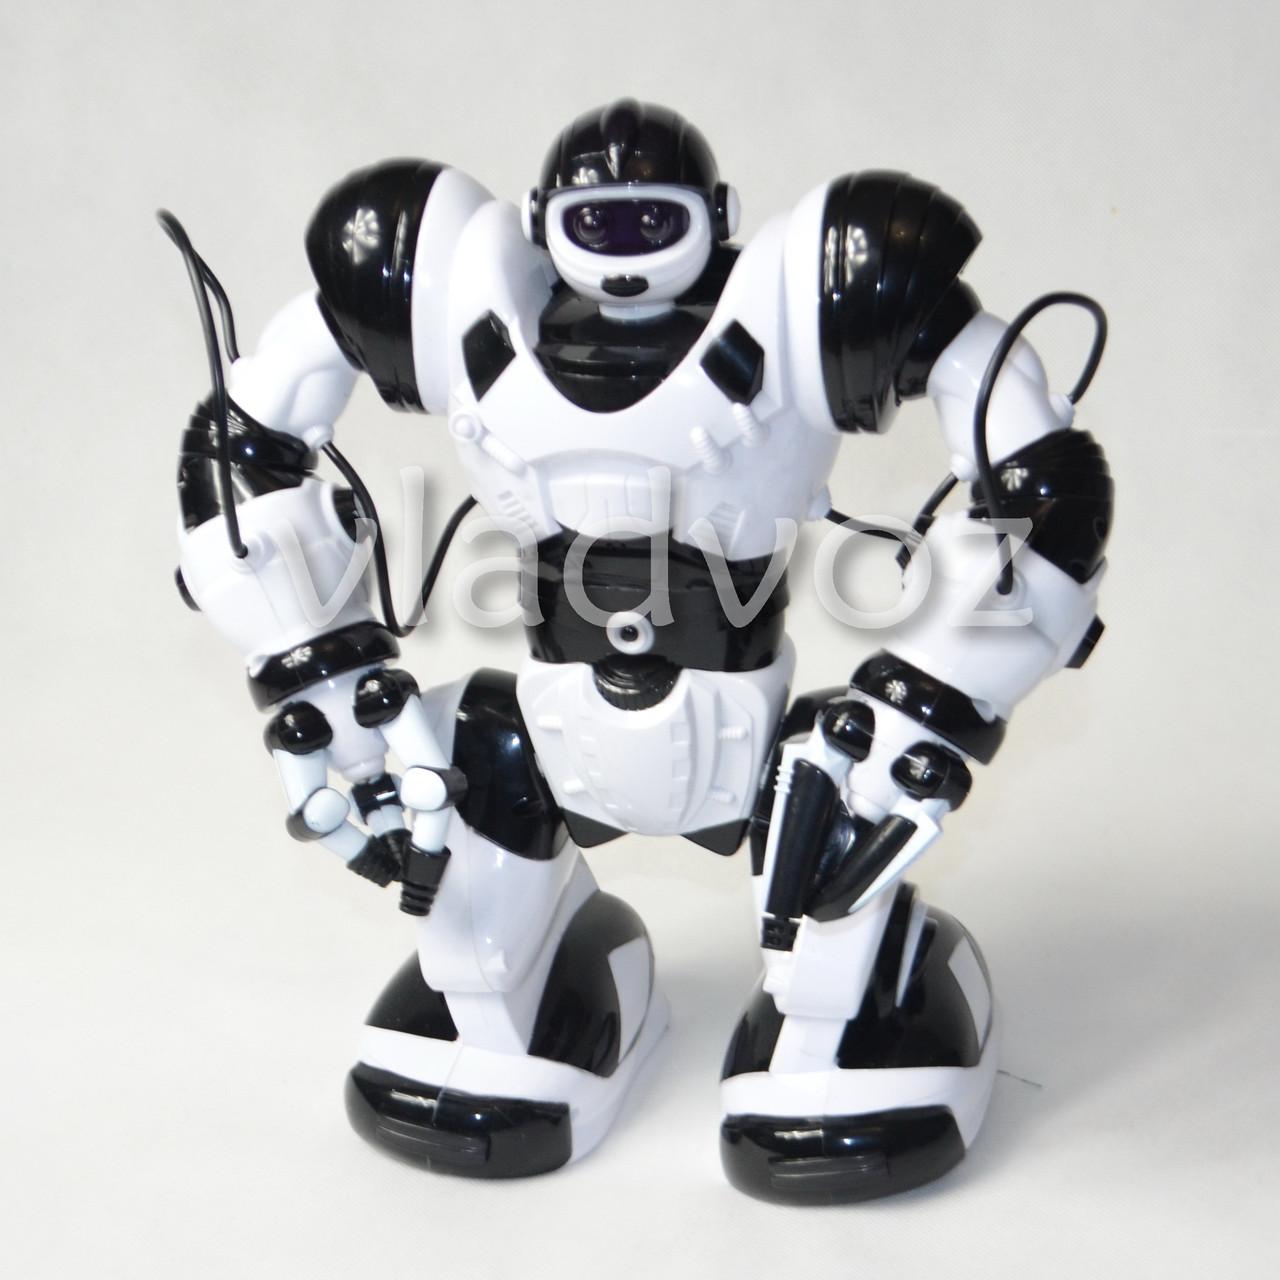 фото робота на пульте управления радиоуправляемая игрушка Robowisdom белый с коробкой